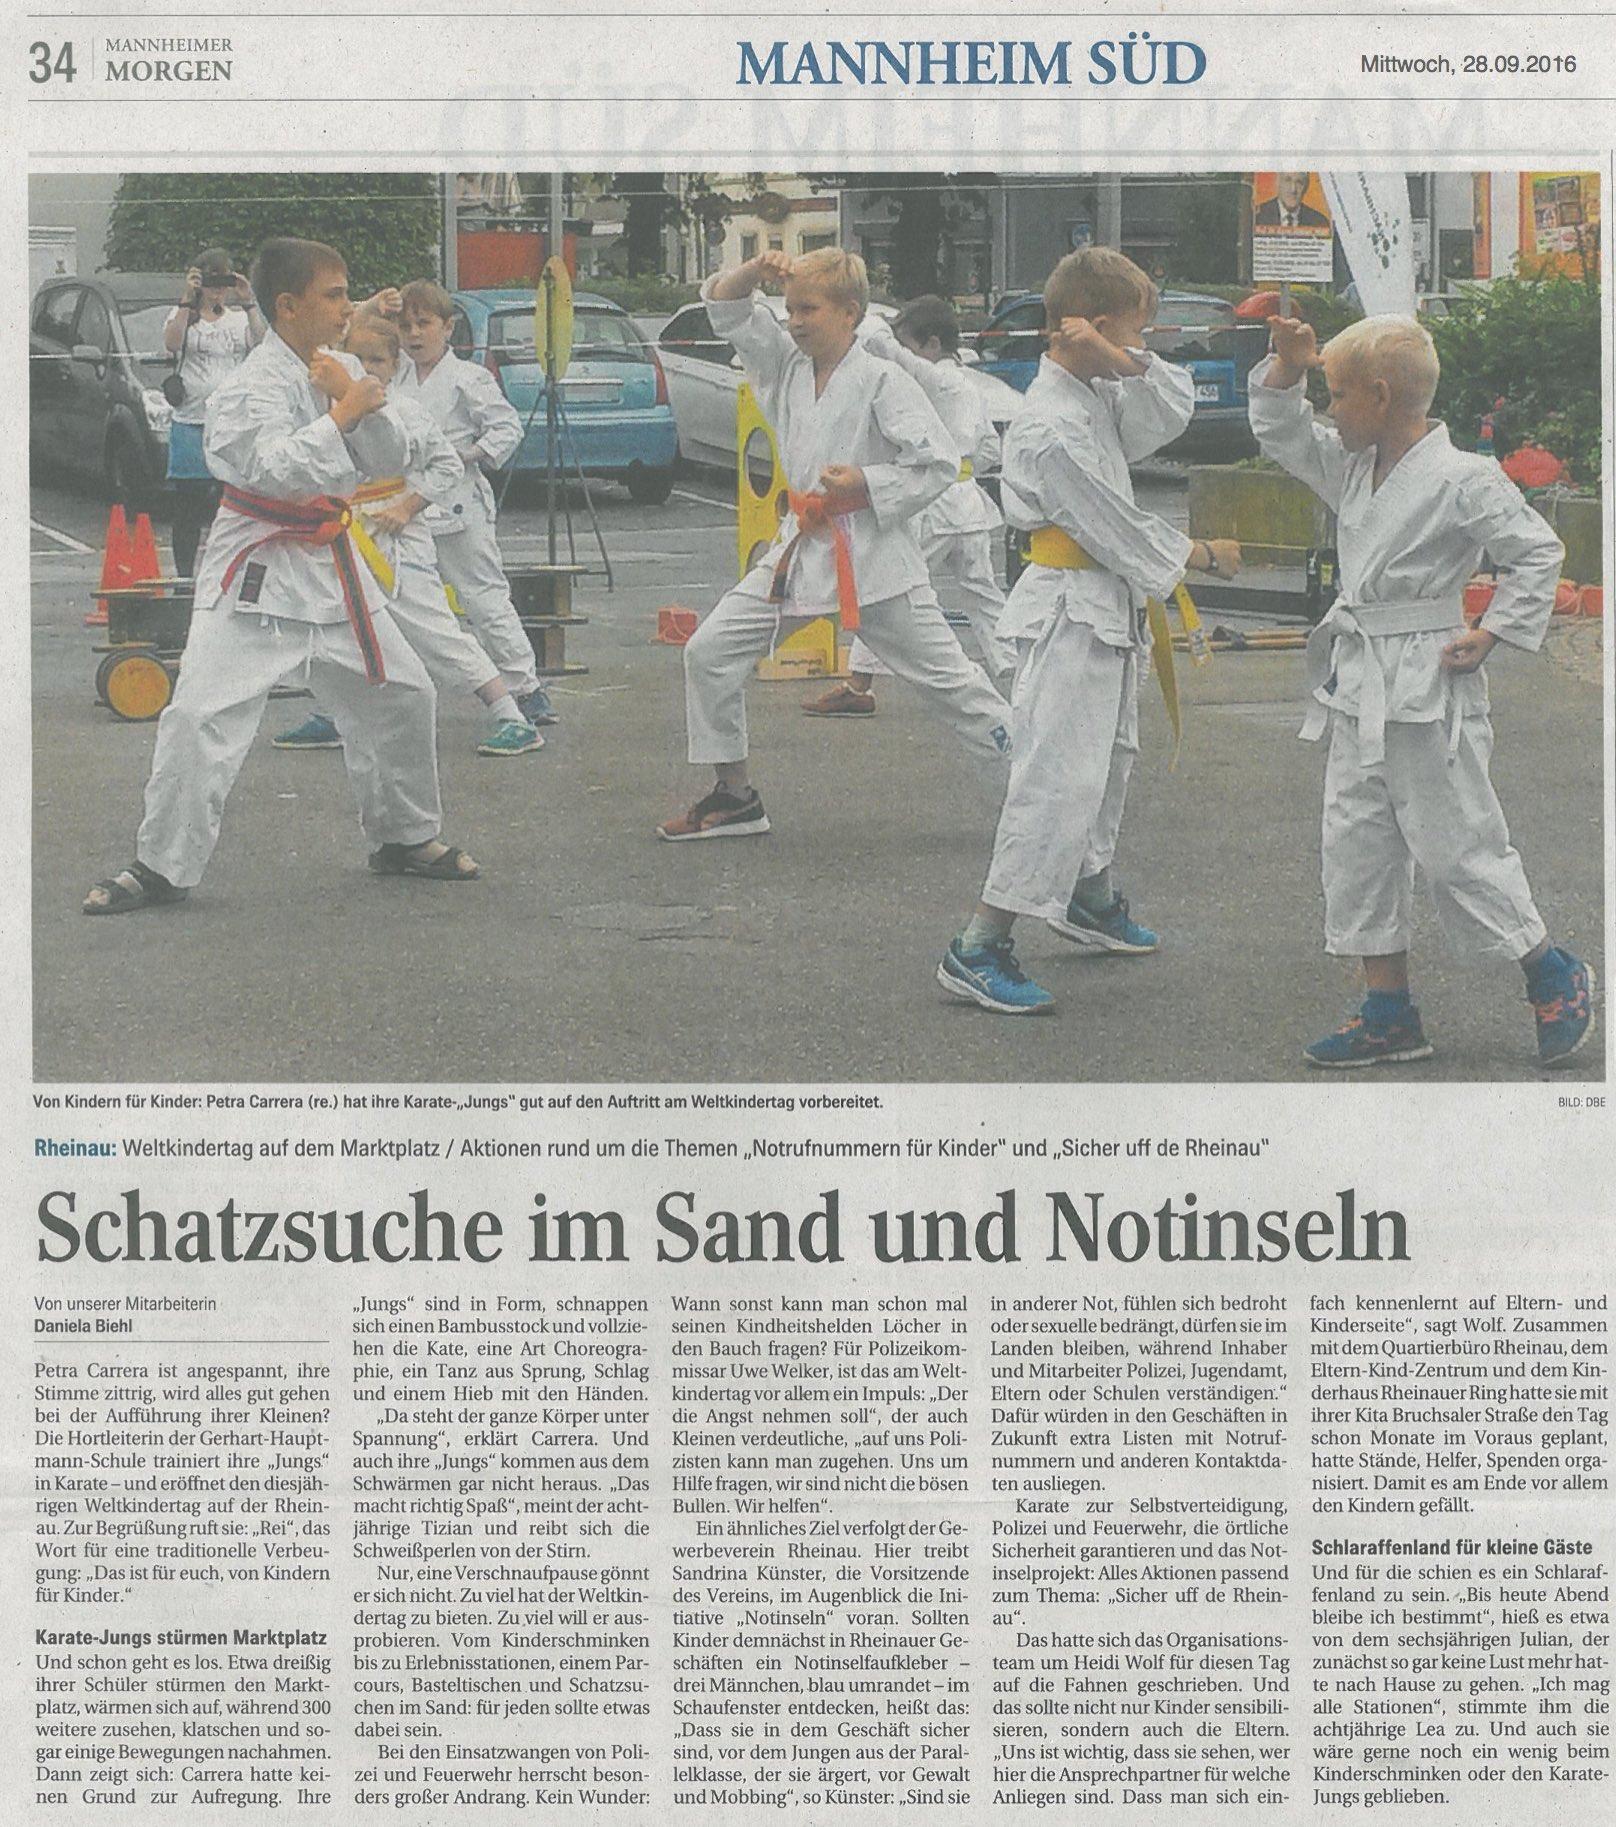 2016-09-28_MM_Weltkindertag-Hort.jpg